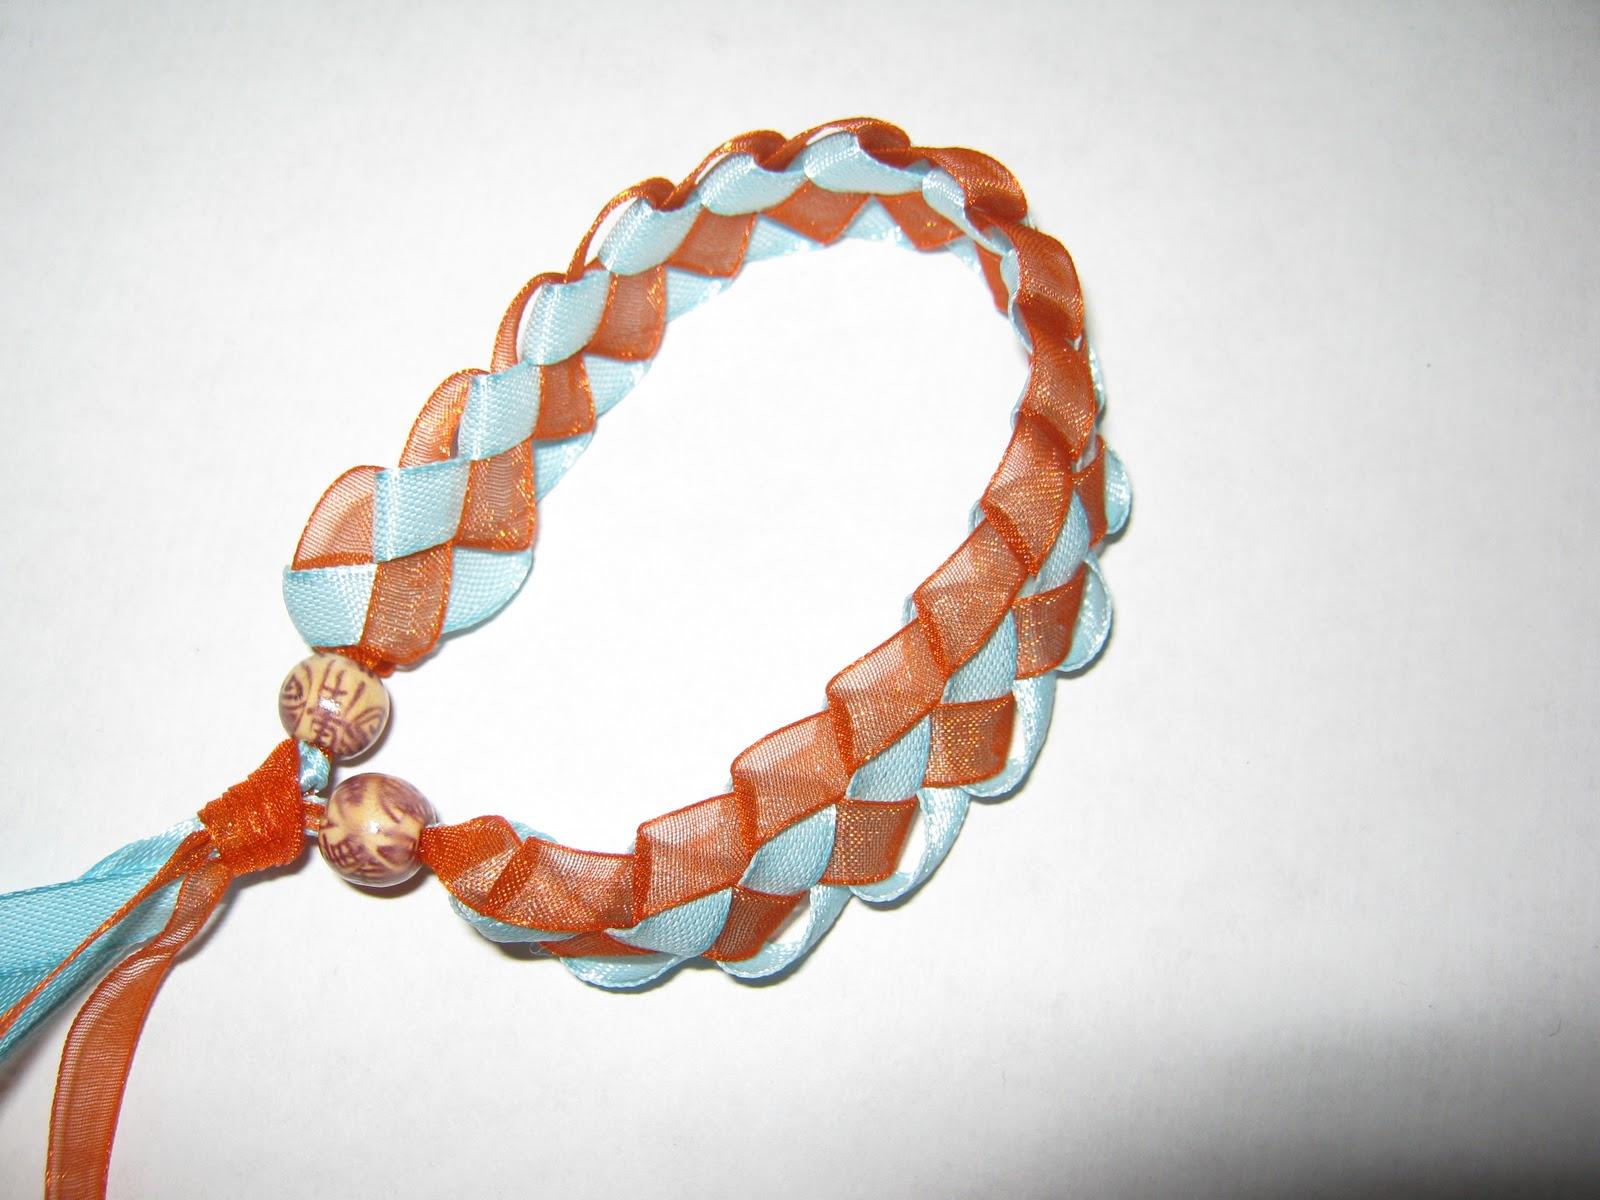 Как сделать браслет из ленточек на руку